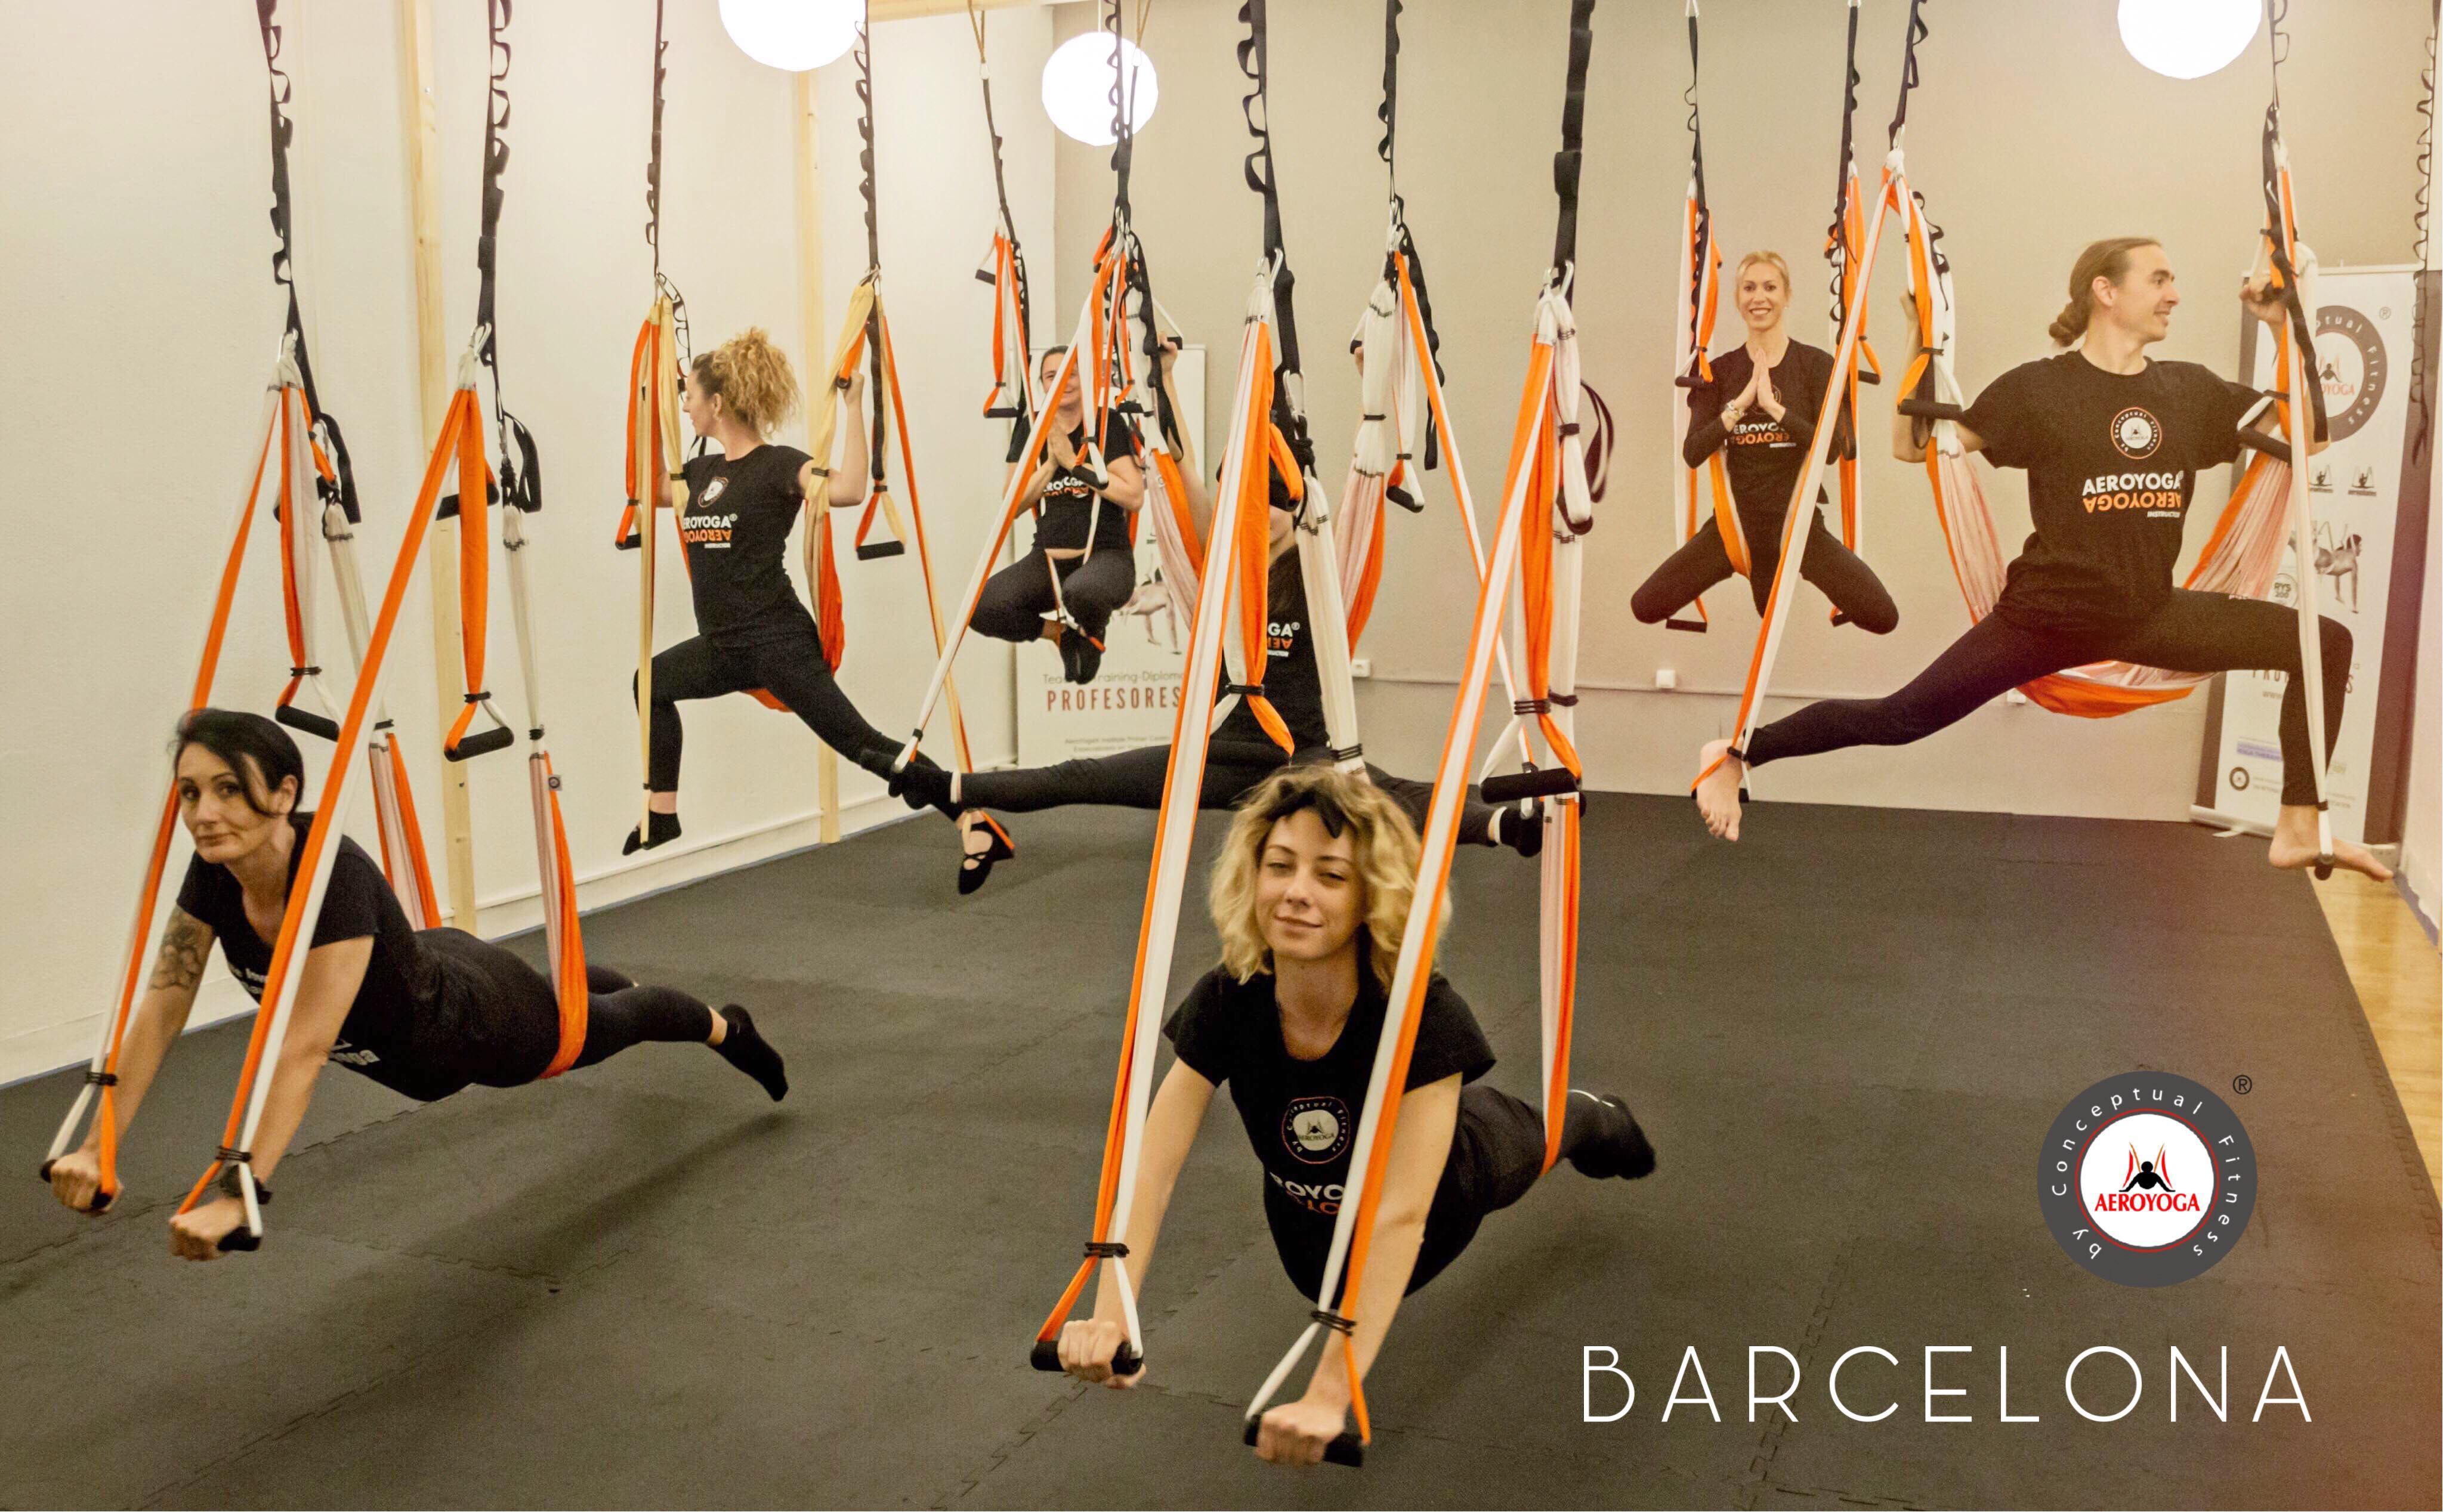 Yoga Aéreo: Esta Semana Impartimos Formación Profesores AeroYoga ® en Barcelona, Madrid y Puerto Rico!